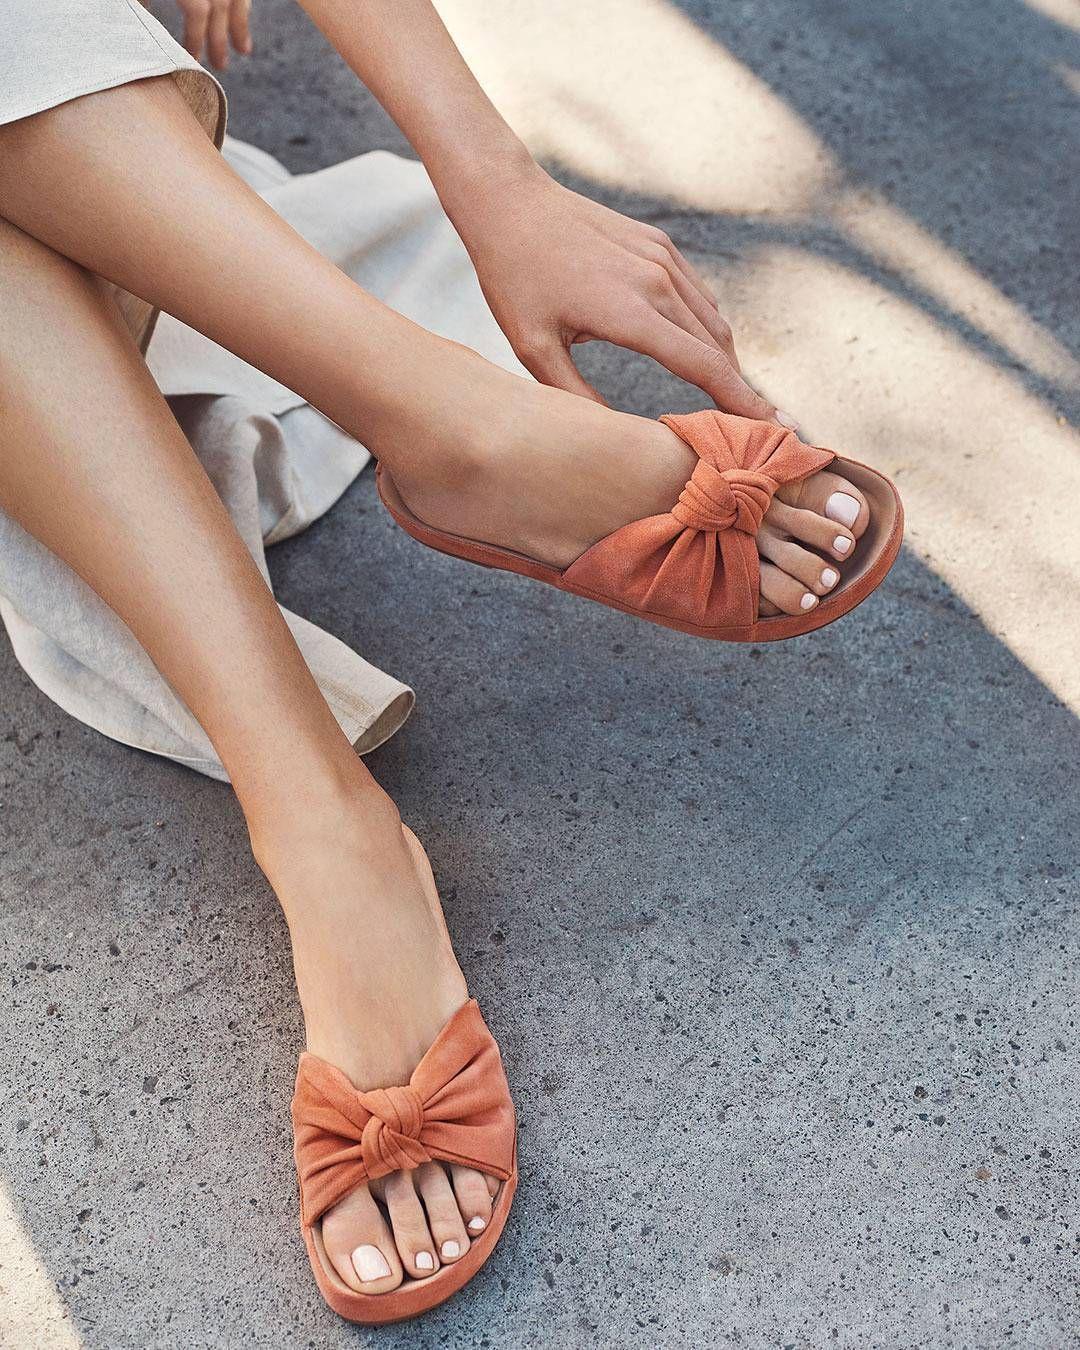 Slinging sandals